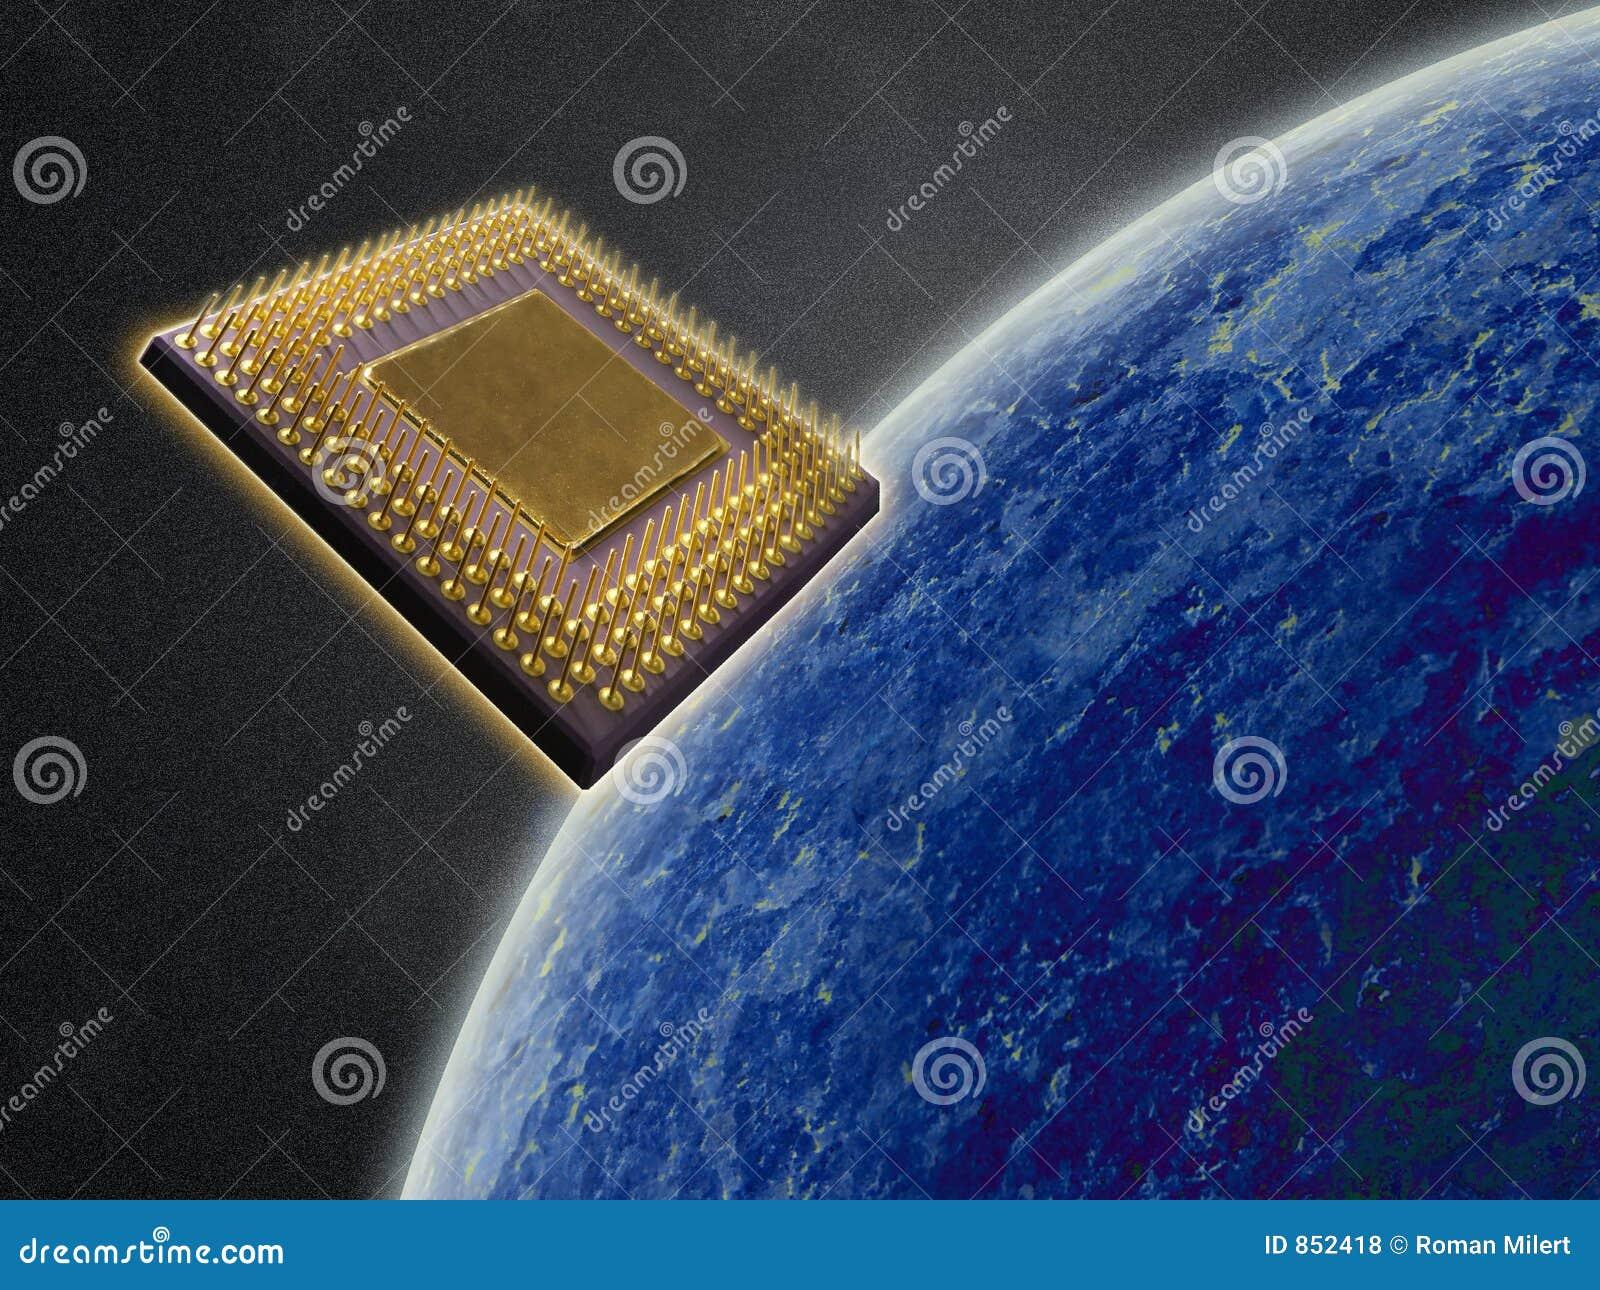 Supernal technology